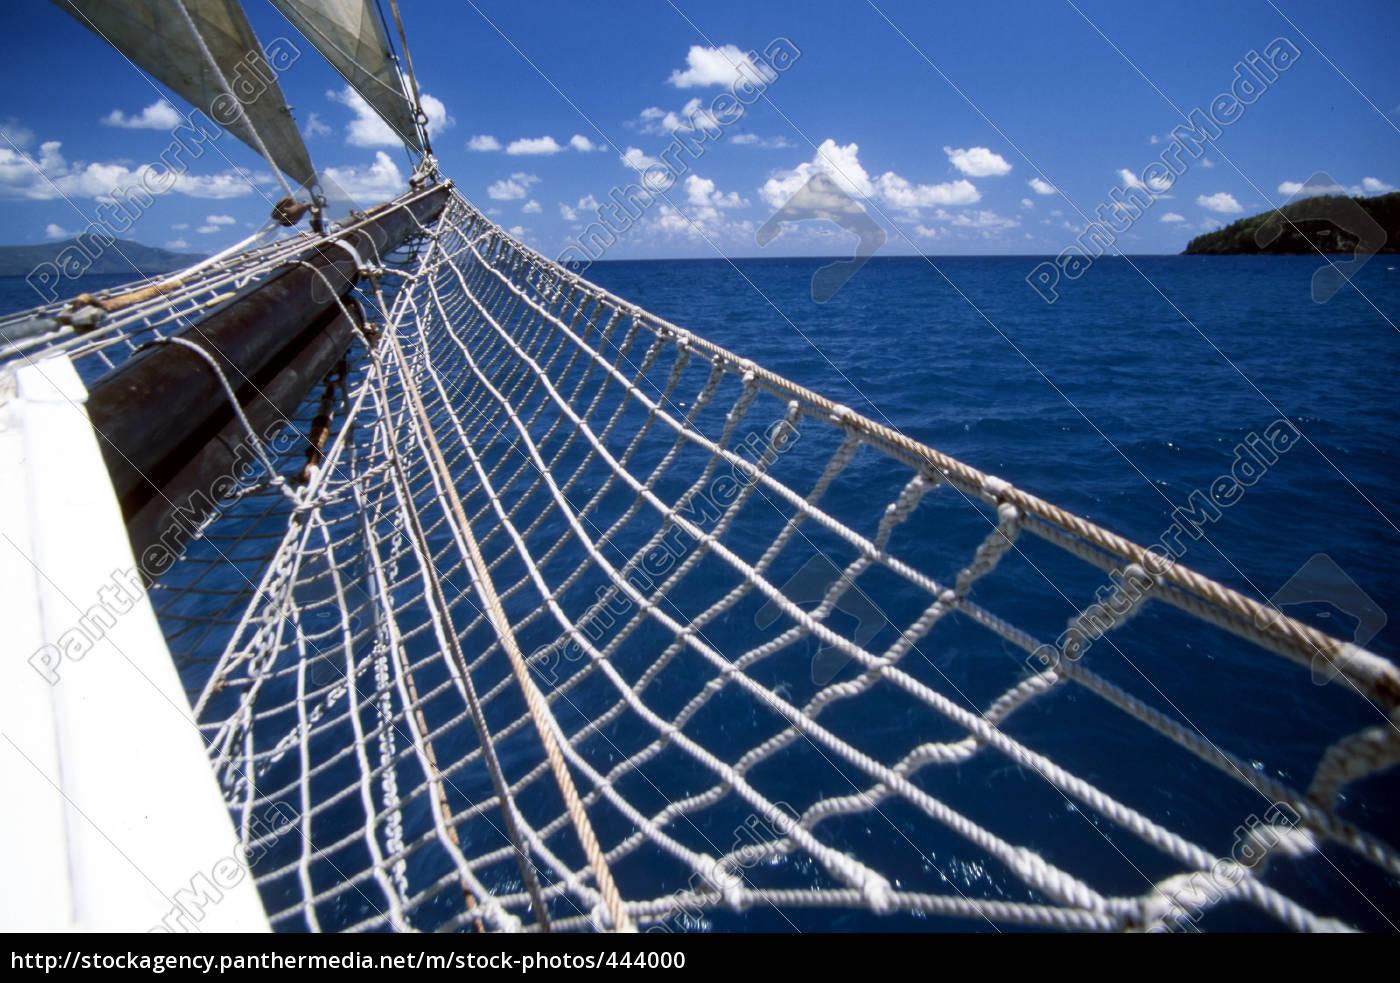 sailing, at, the, whitsunday, islands - 444000